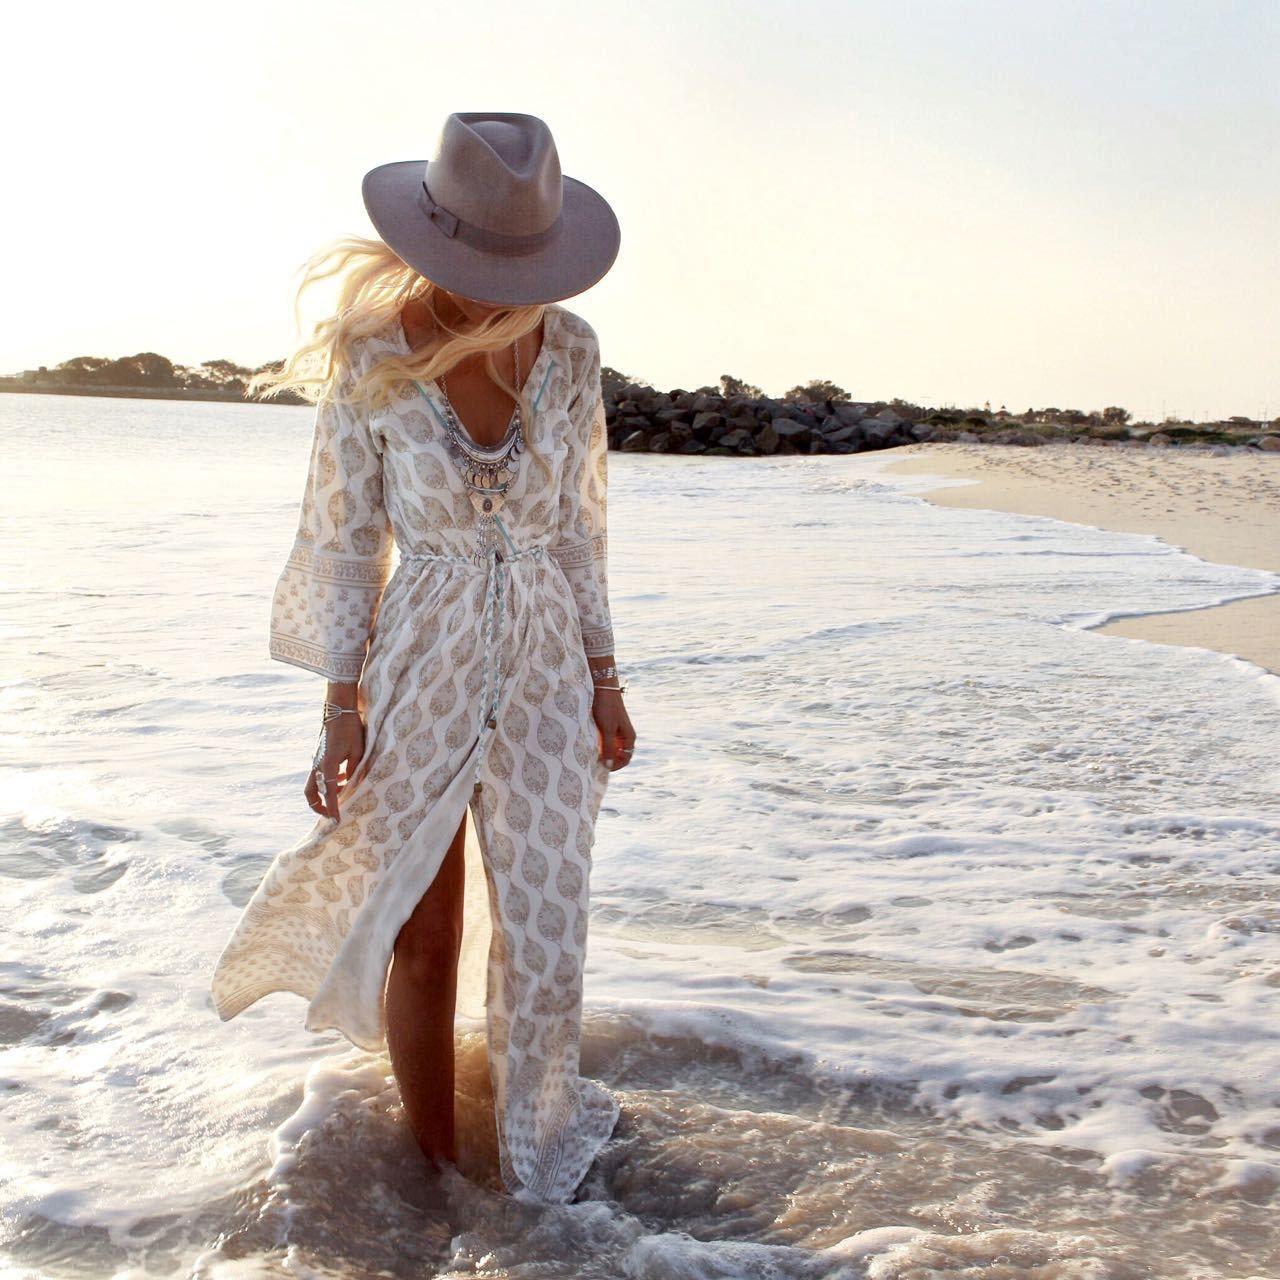 юбилеи, корпоративы ваша одежда на море фото райский сад земле